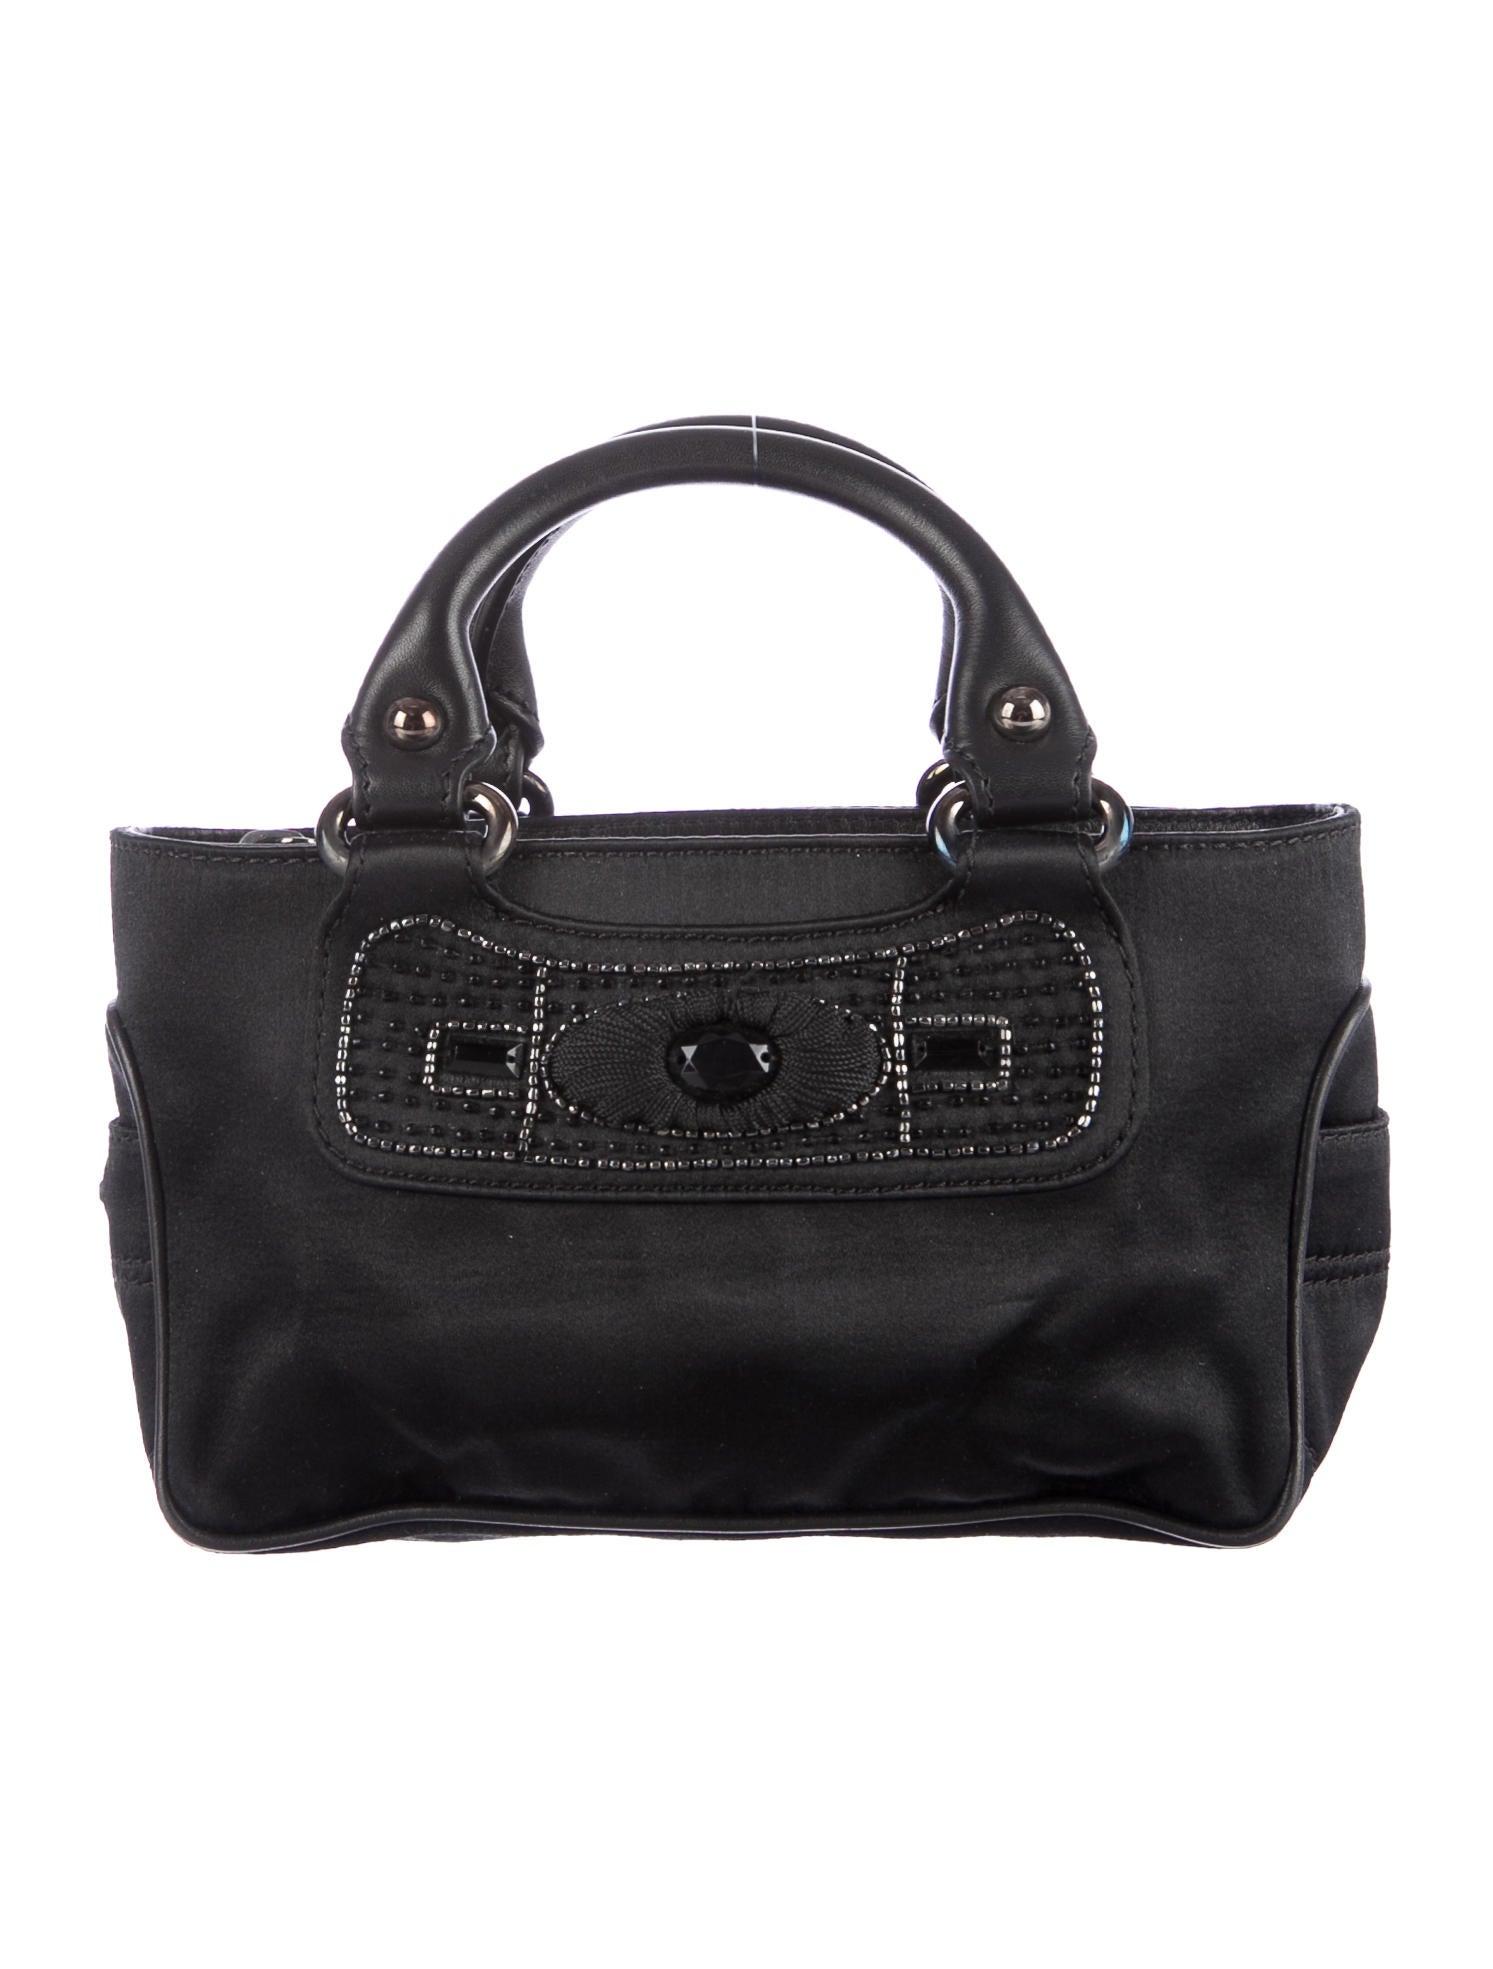 celini bag - celine embellished satin handle bag, www celine handbags com